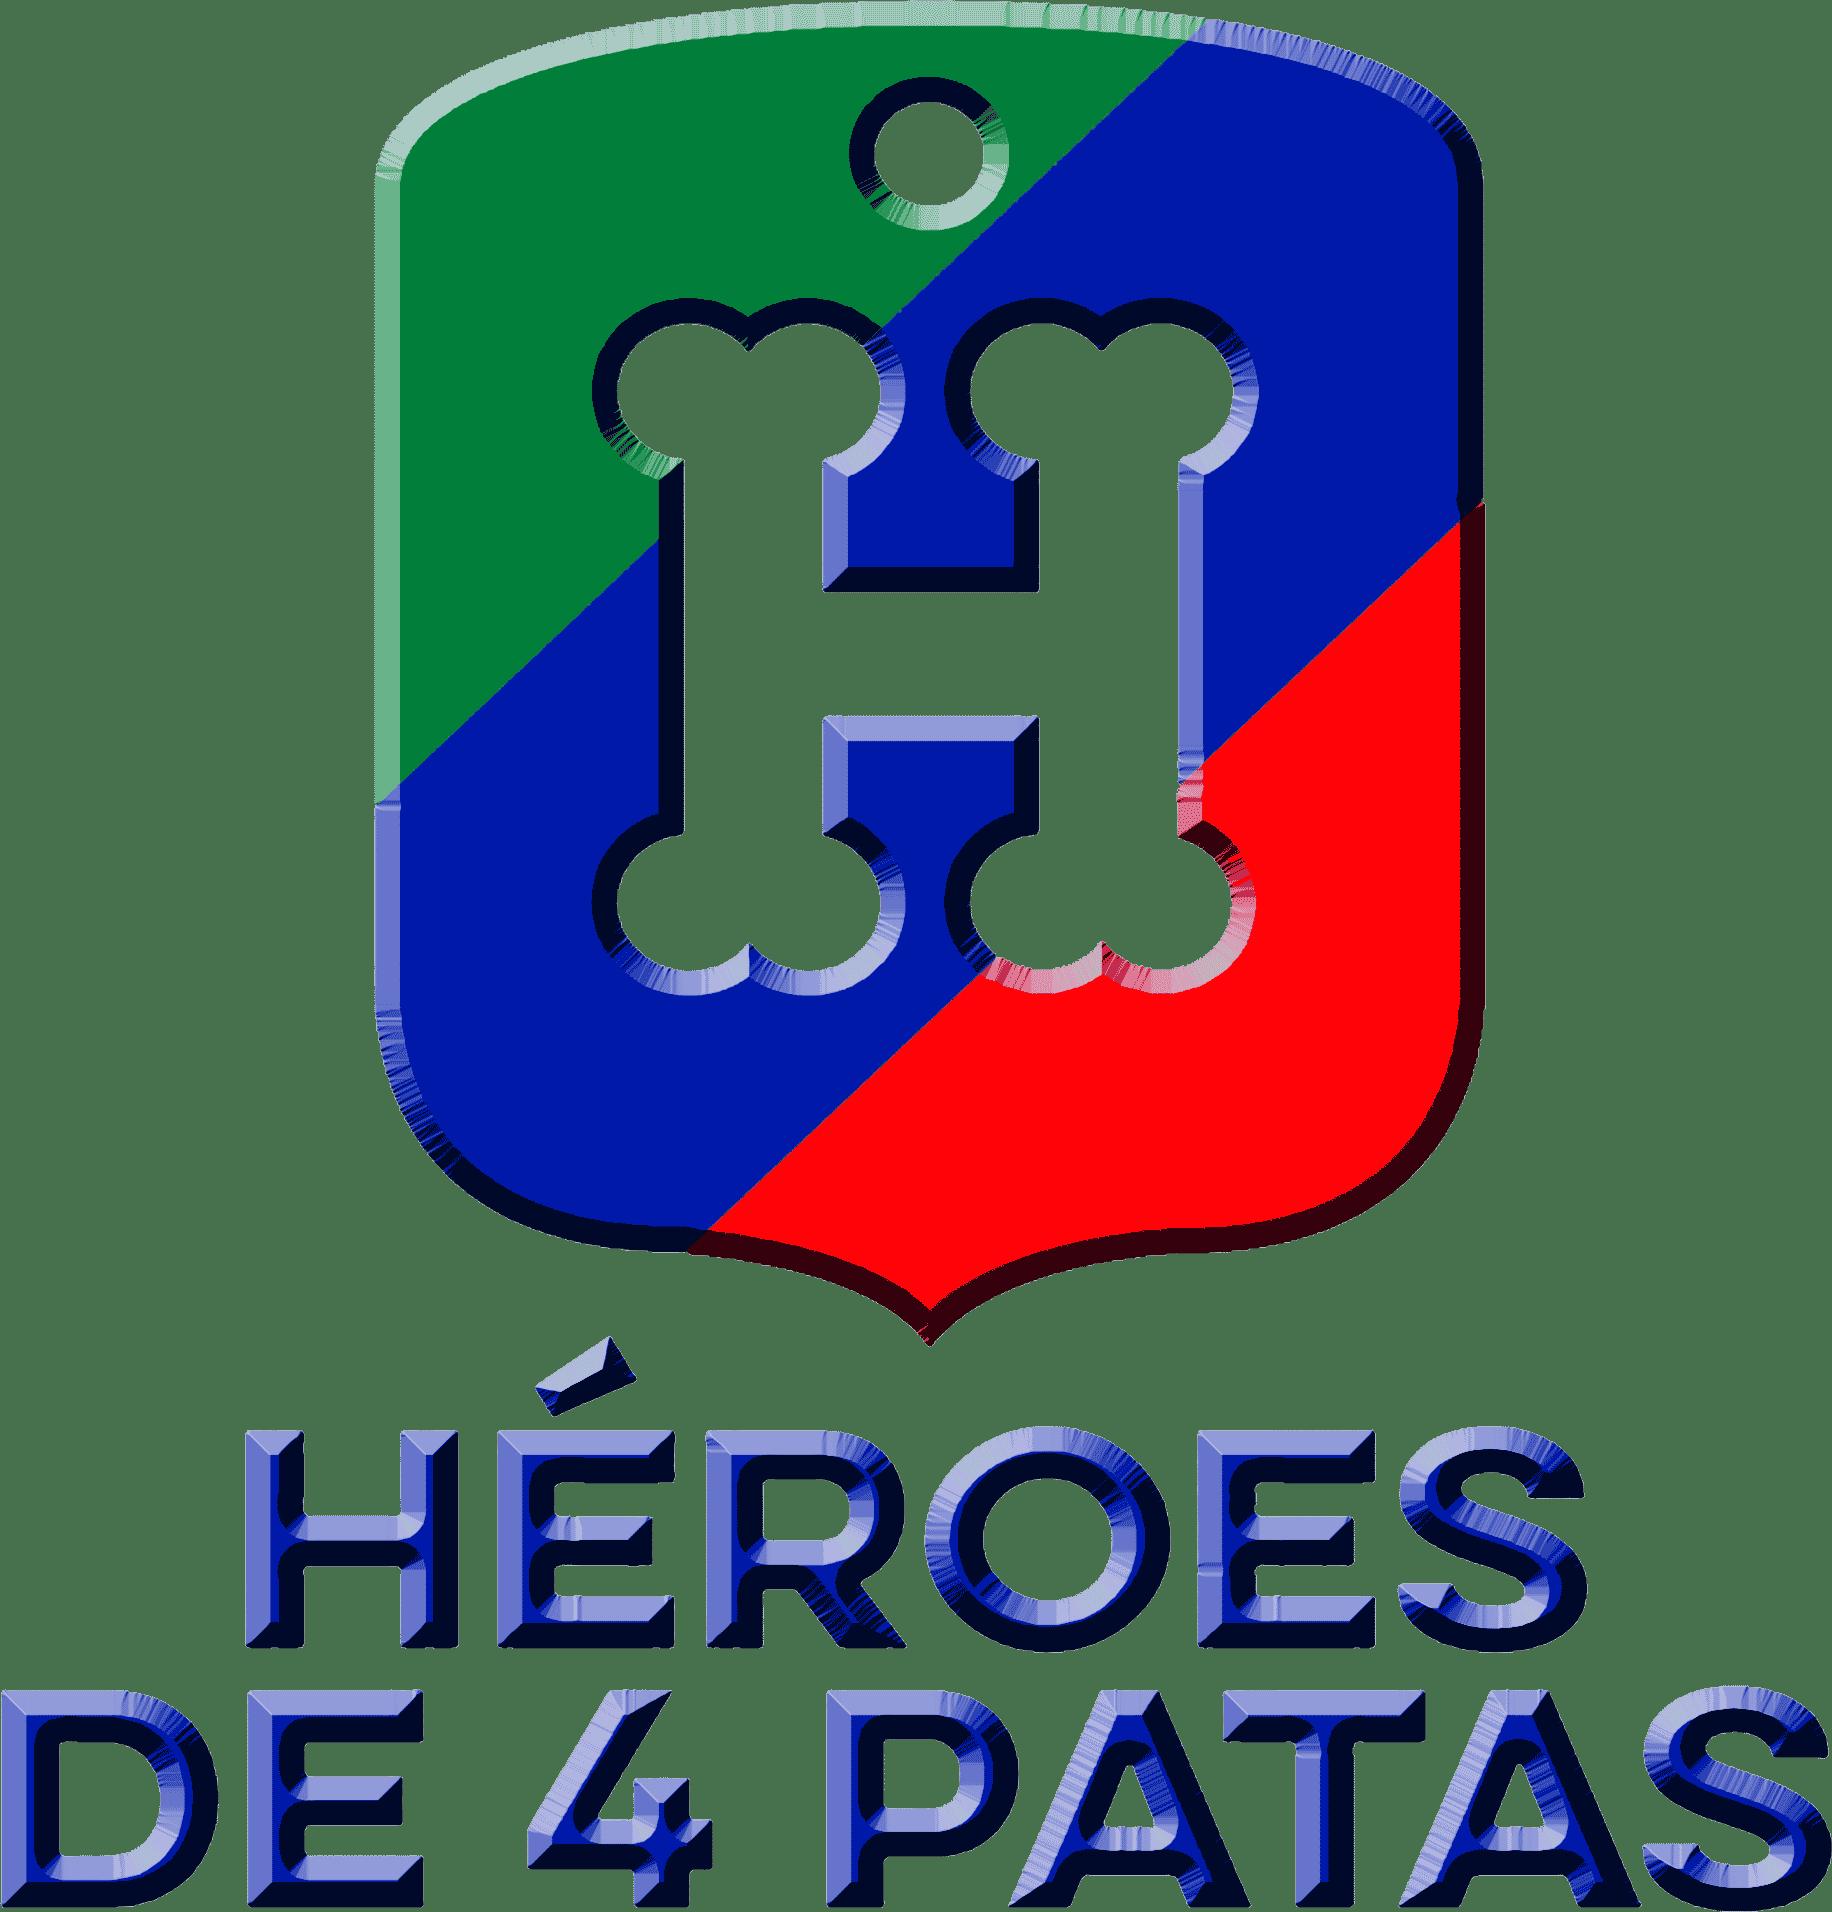 HÉROES DE 4 PATAS